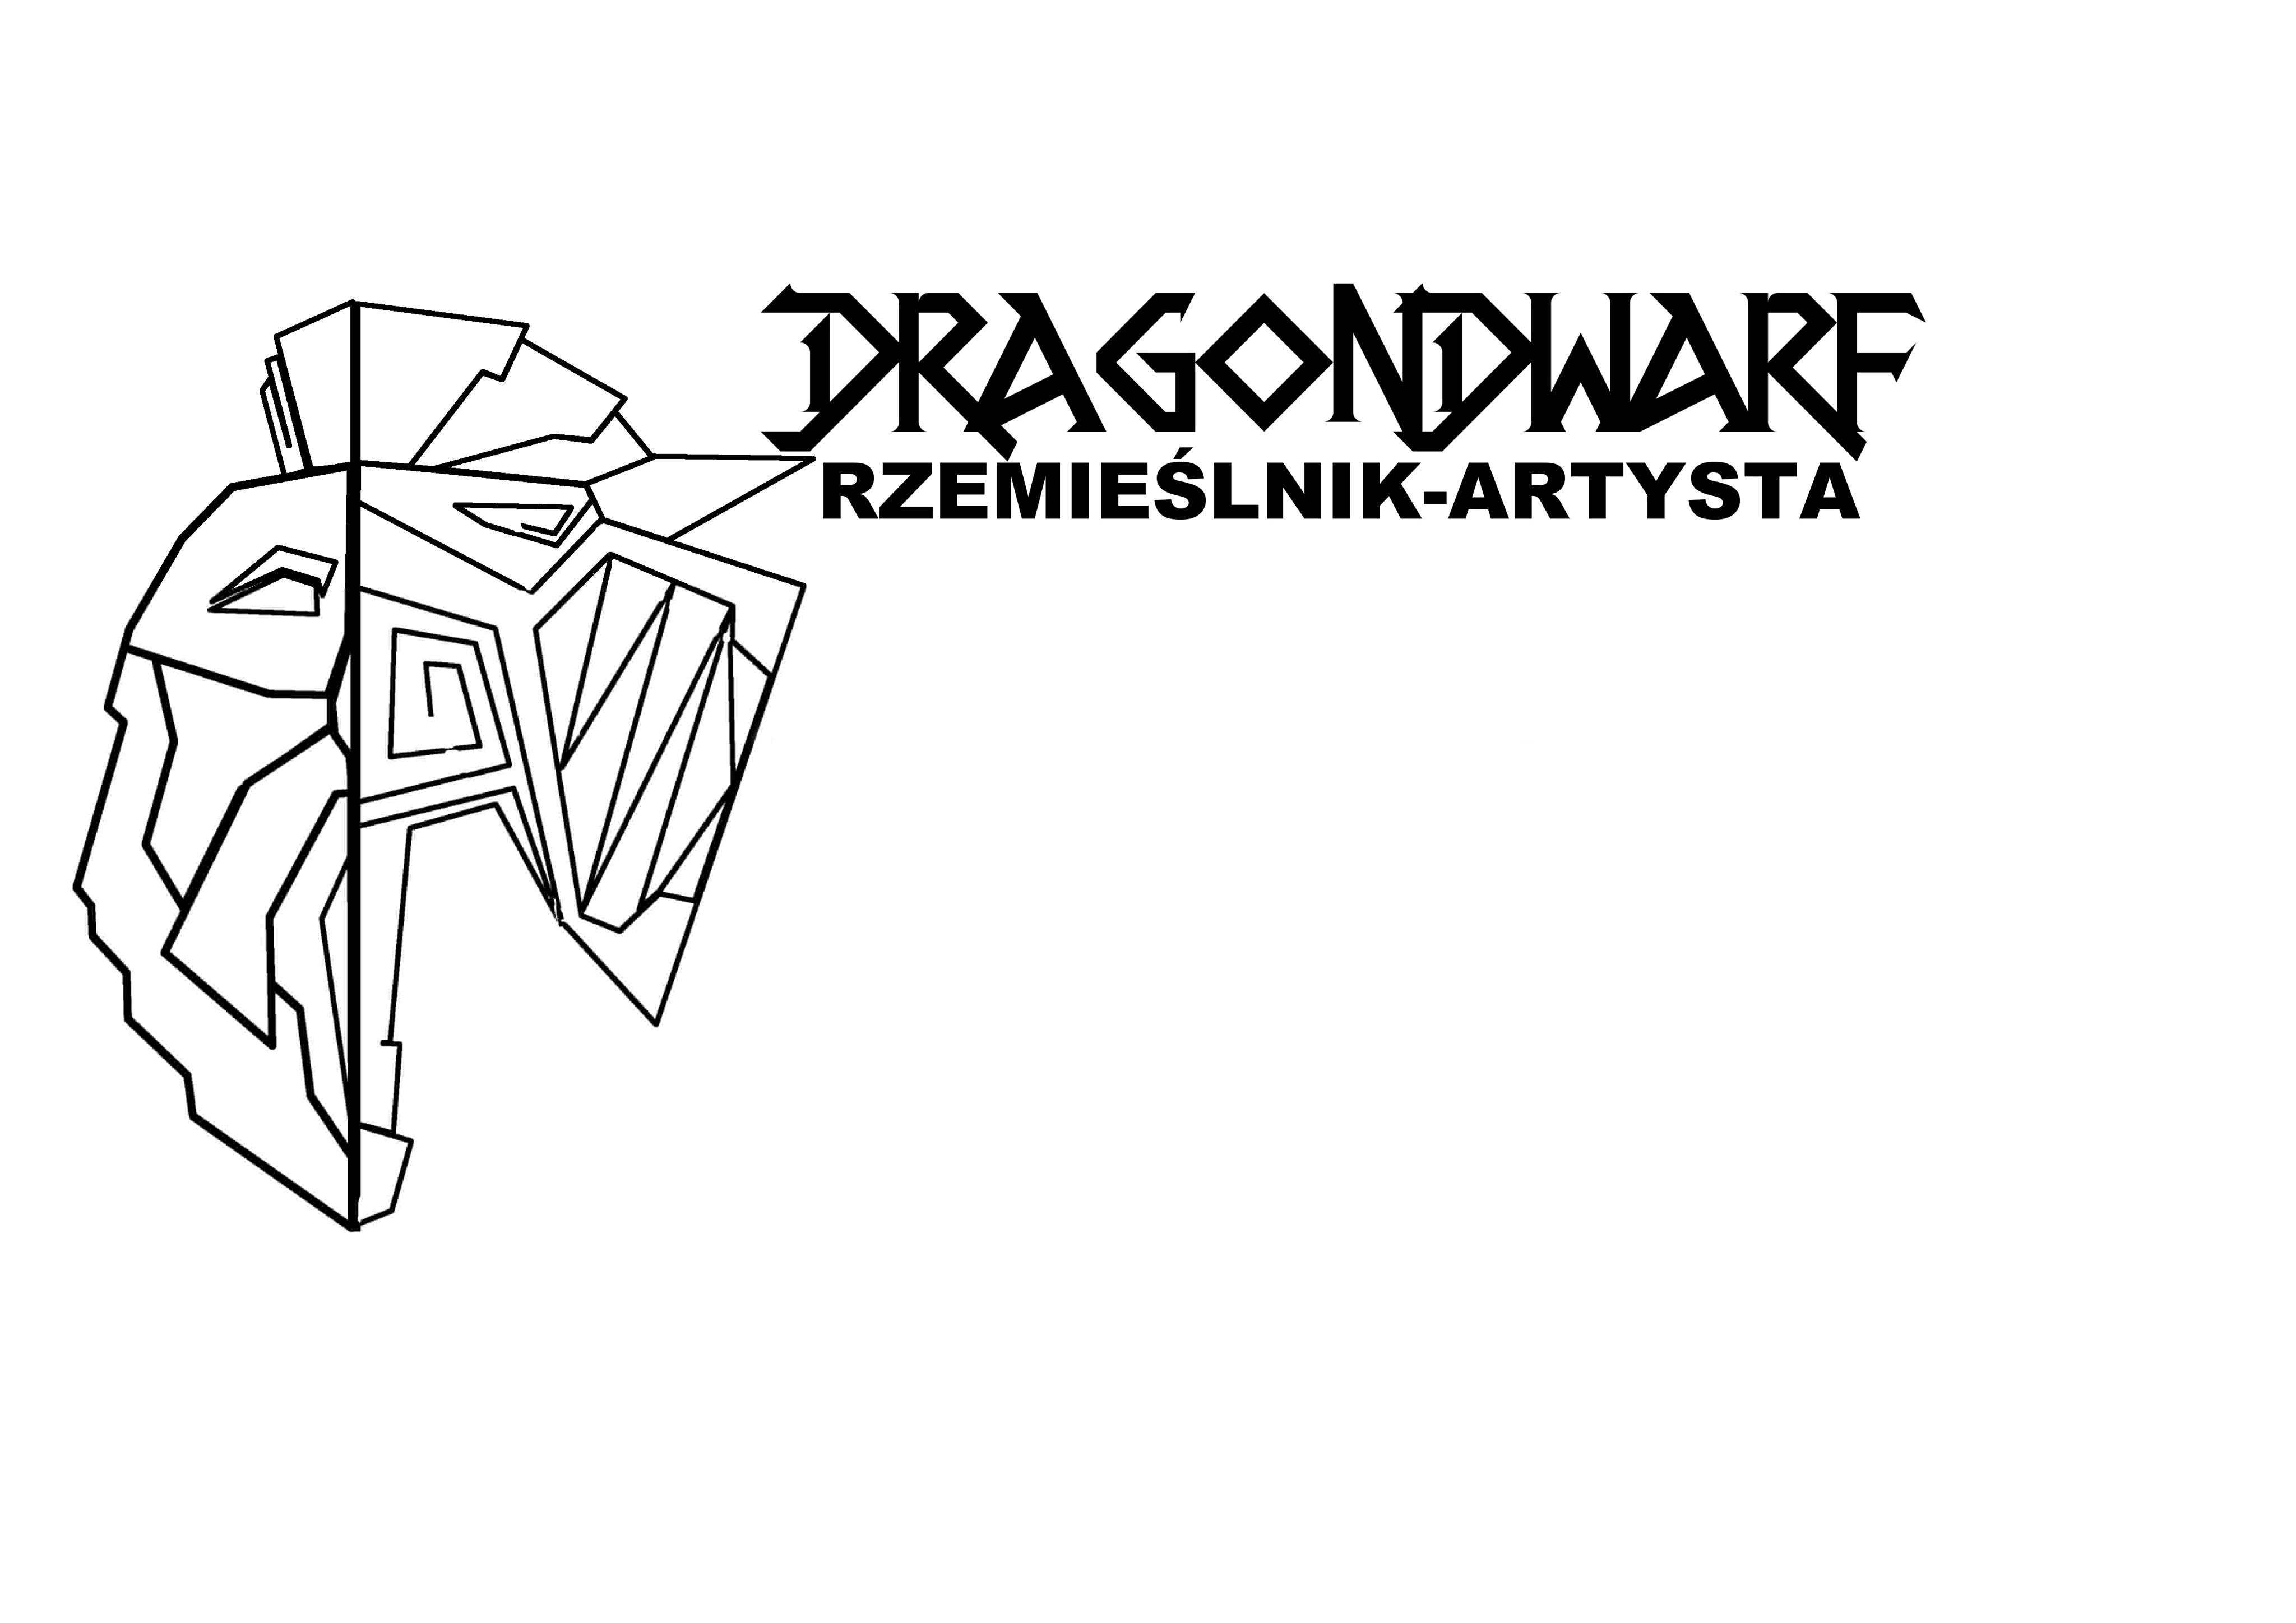 DRAGON DWARF